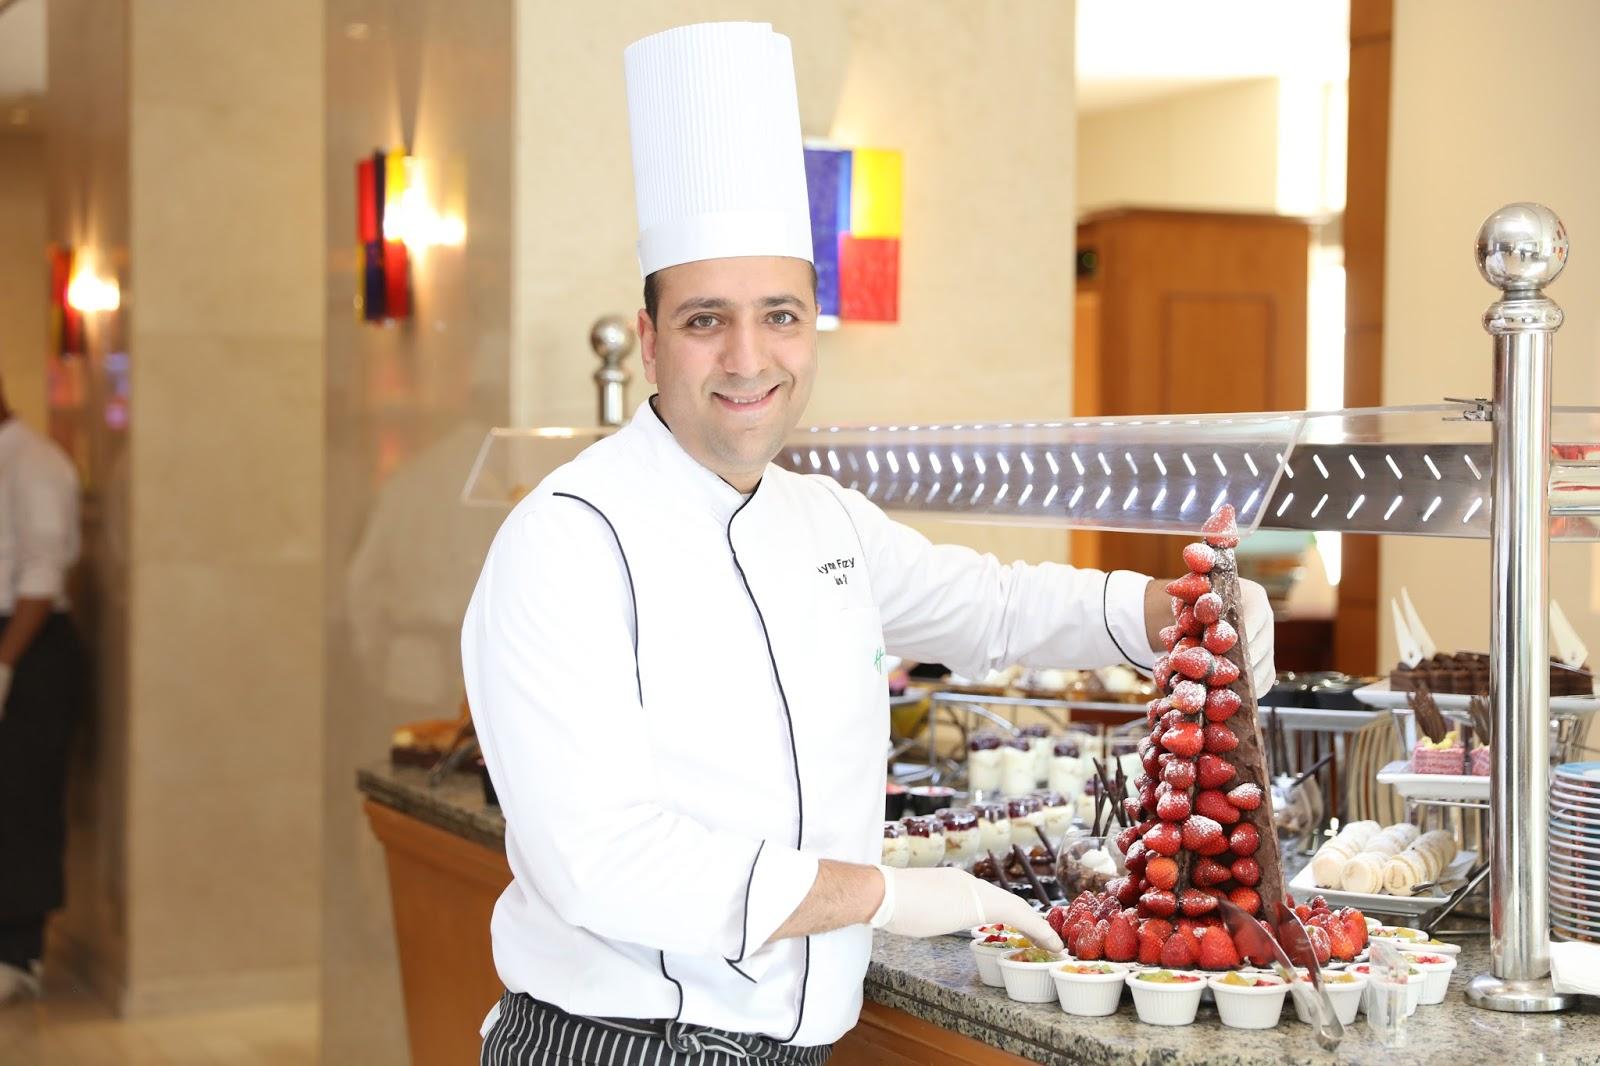 e6b3b87e7 اصداء مجتمع : هوليداي إن سيتي ستارز القاهرة يحتفل يوم الجمعة بمفهوم جديد  لحلقات الطهو أمام عينيك